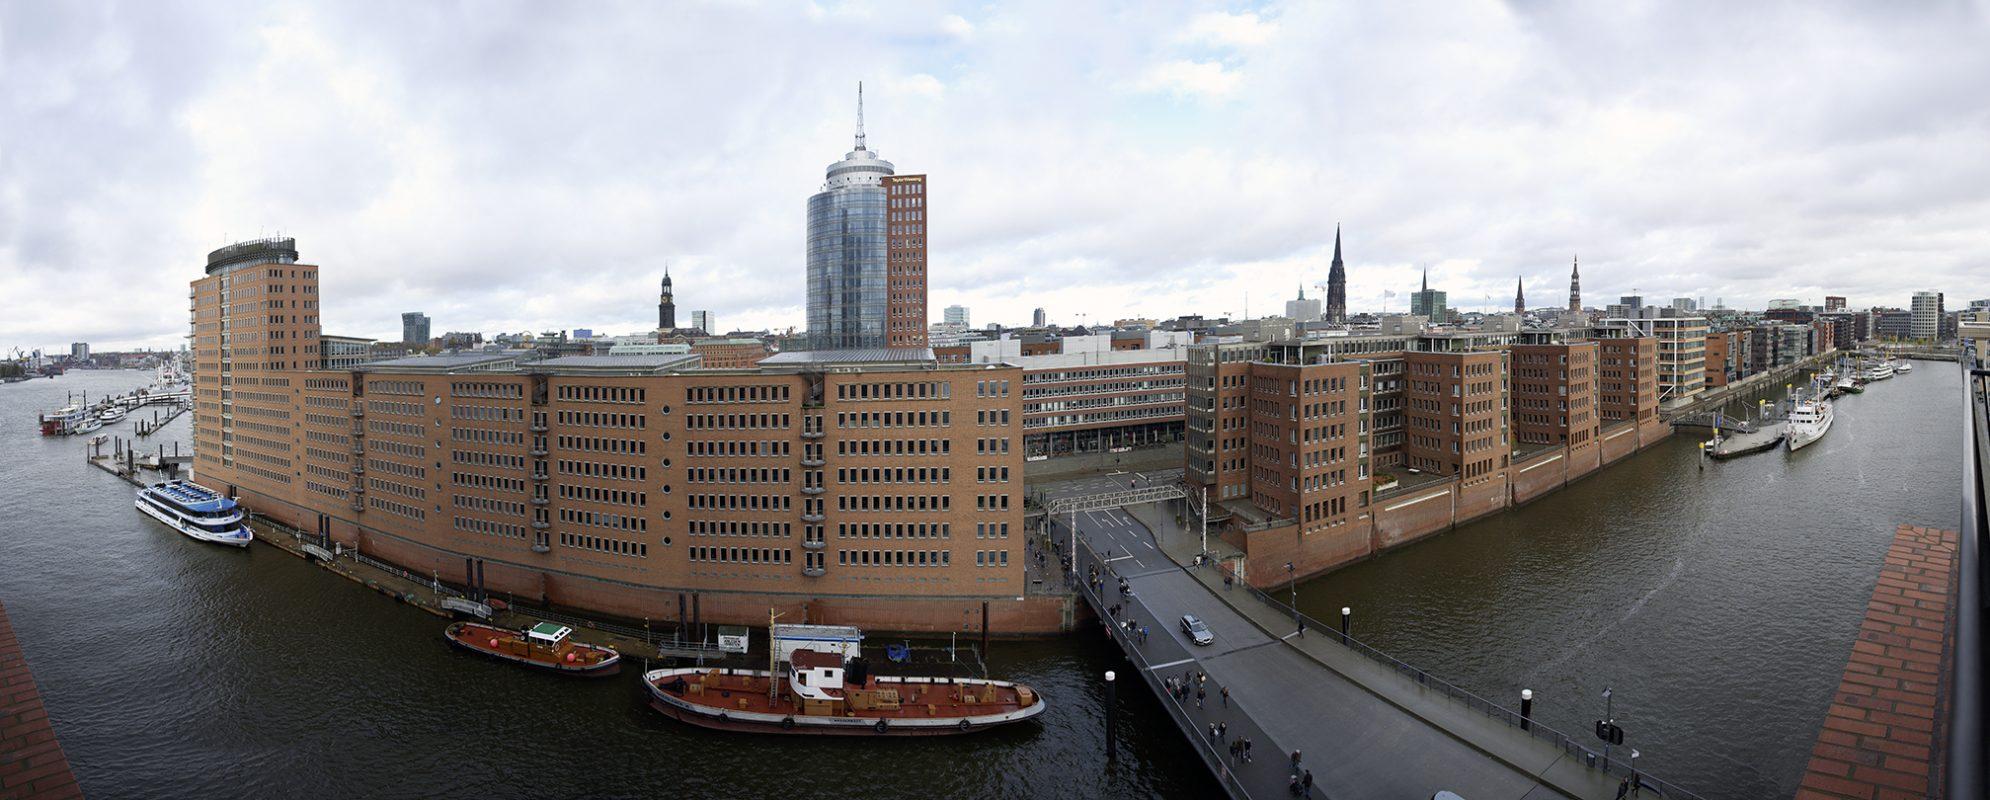 Hamburg, Speicherstadt von oben, Elbe, Panorama